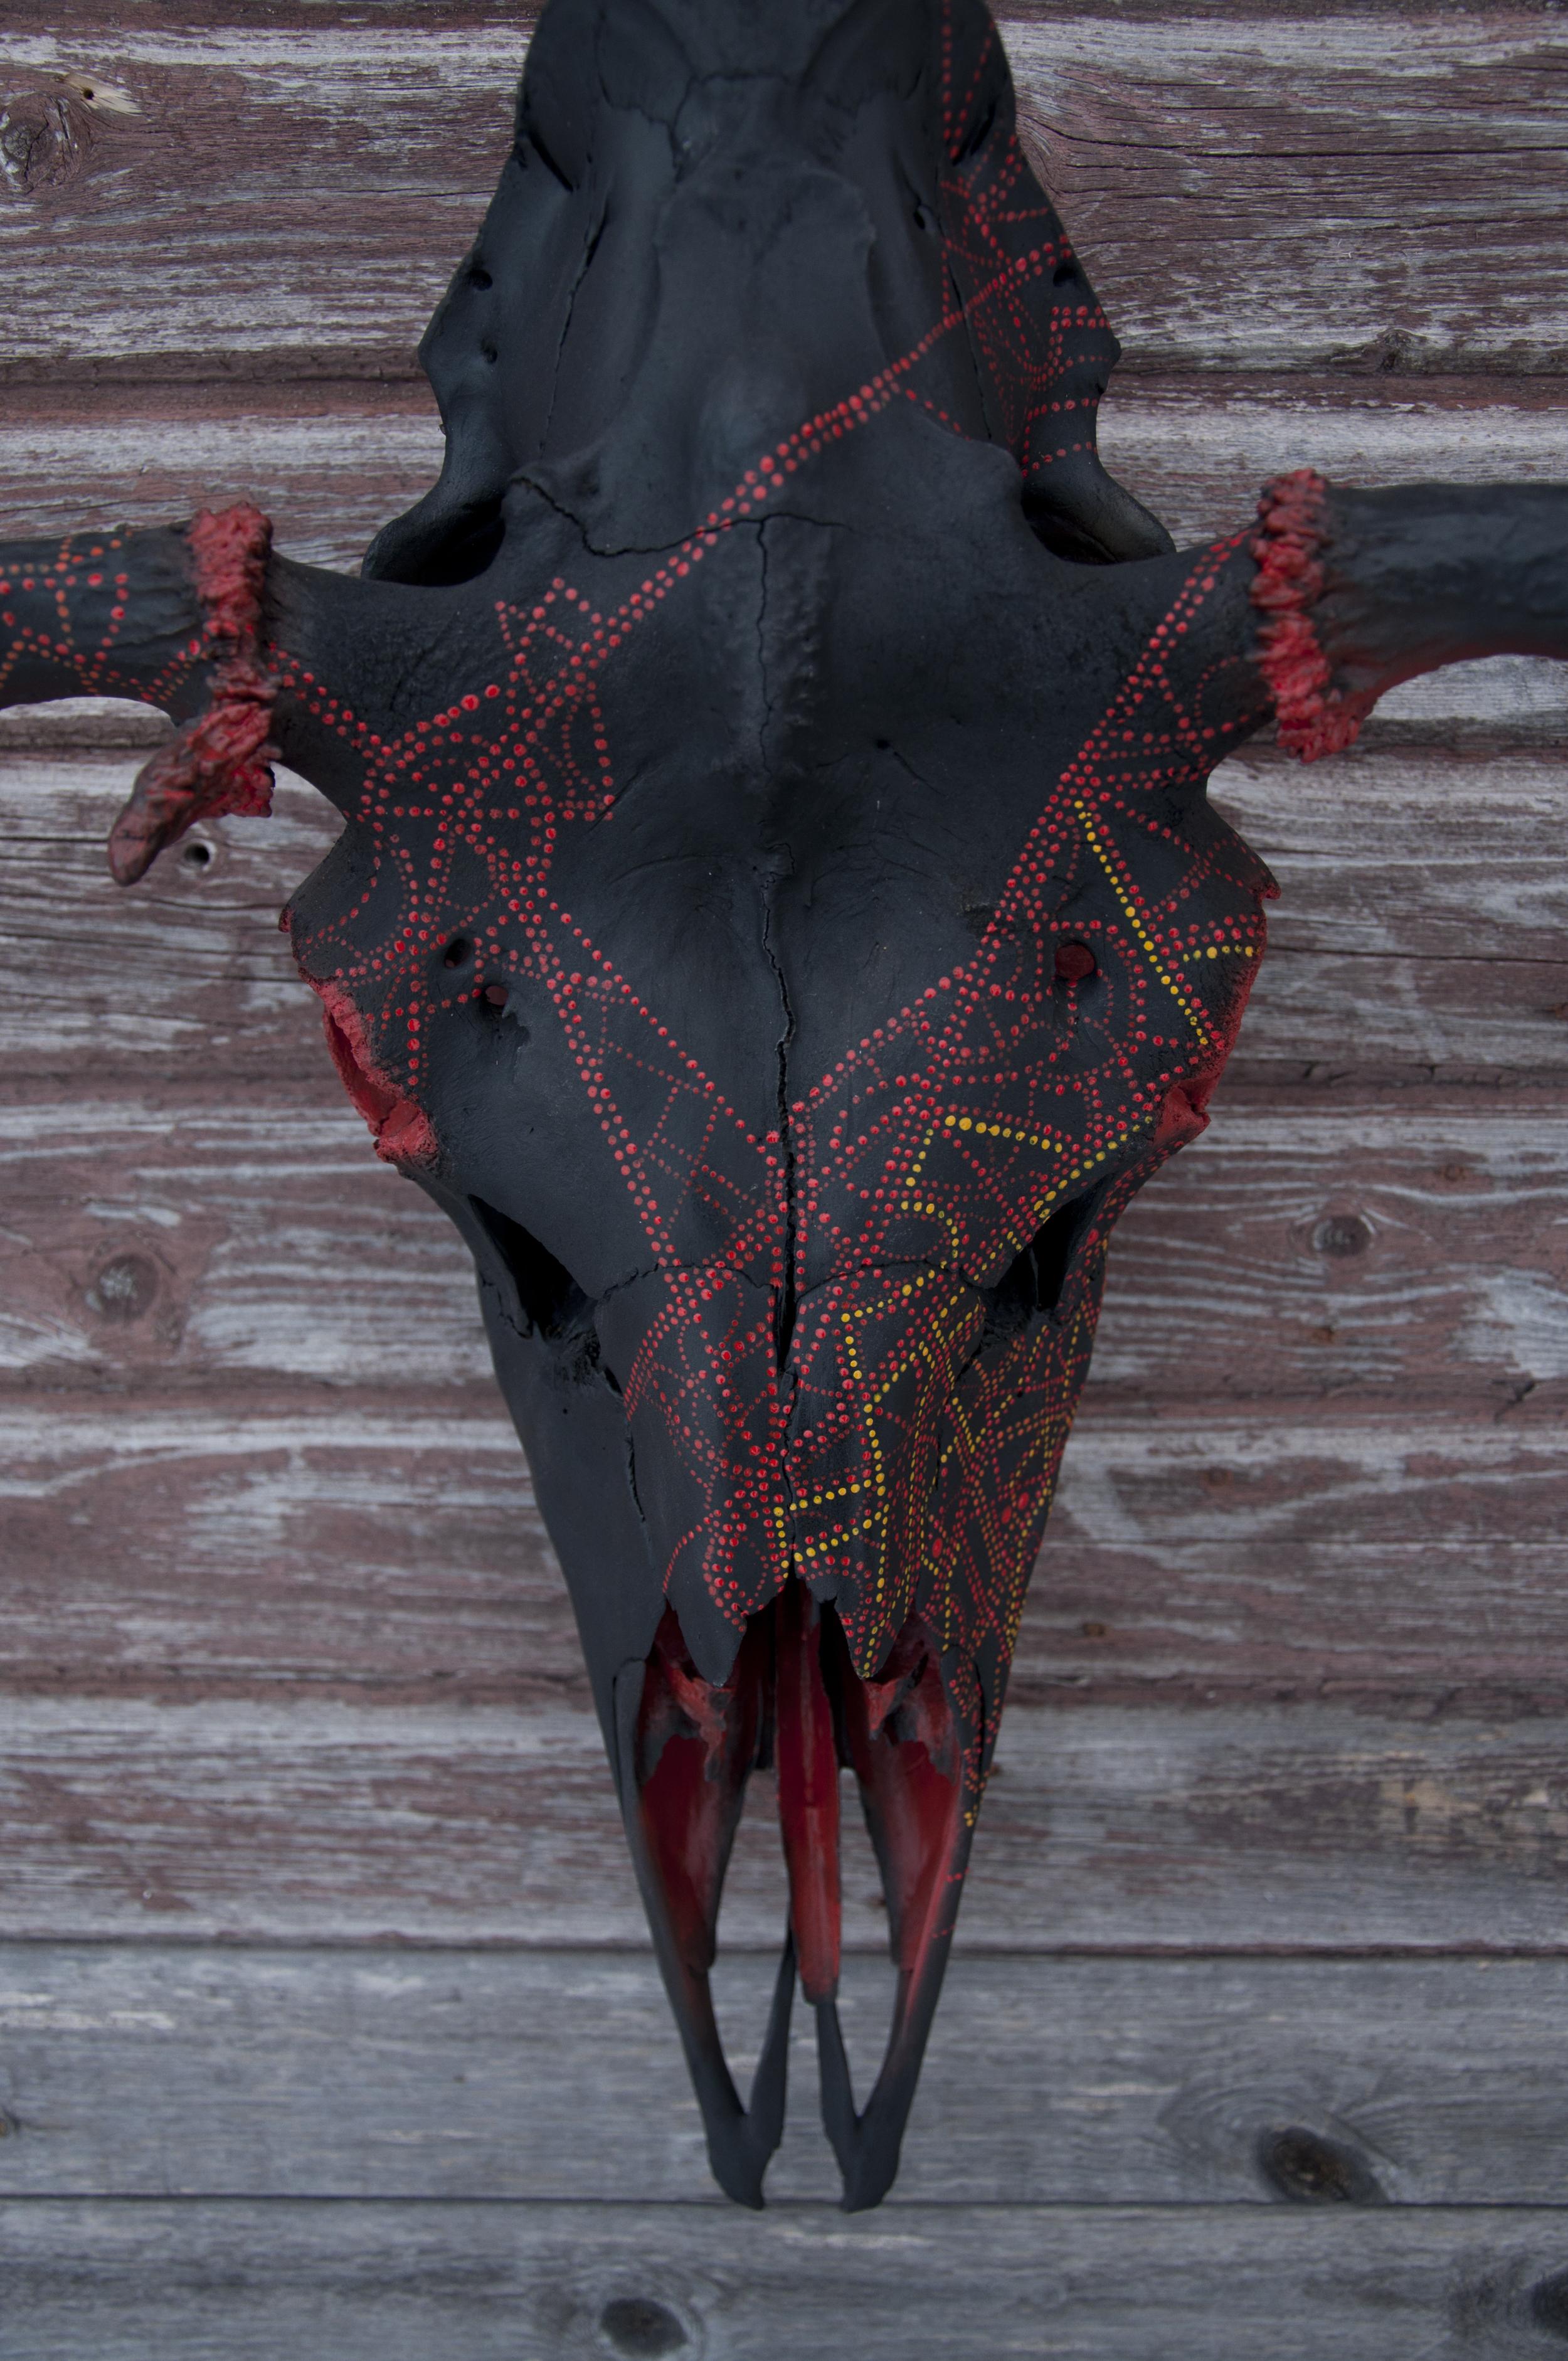 petra-shara-stoor-skull-art-velvekh-2.jpg